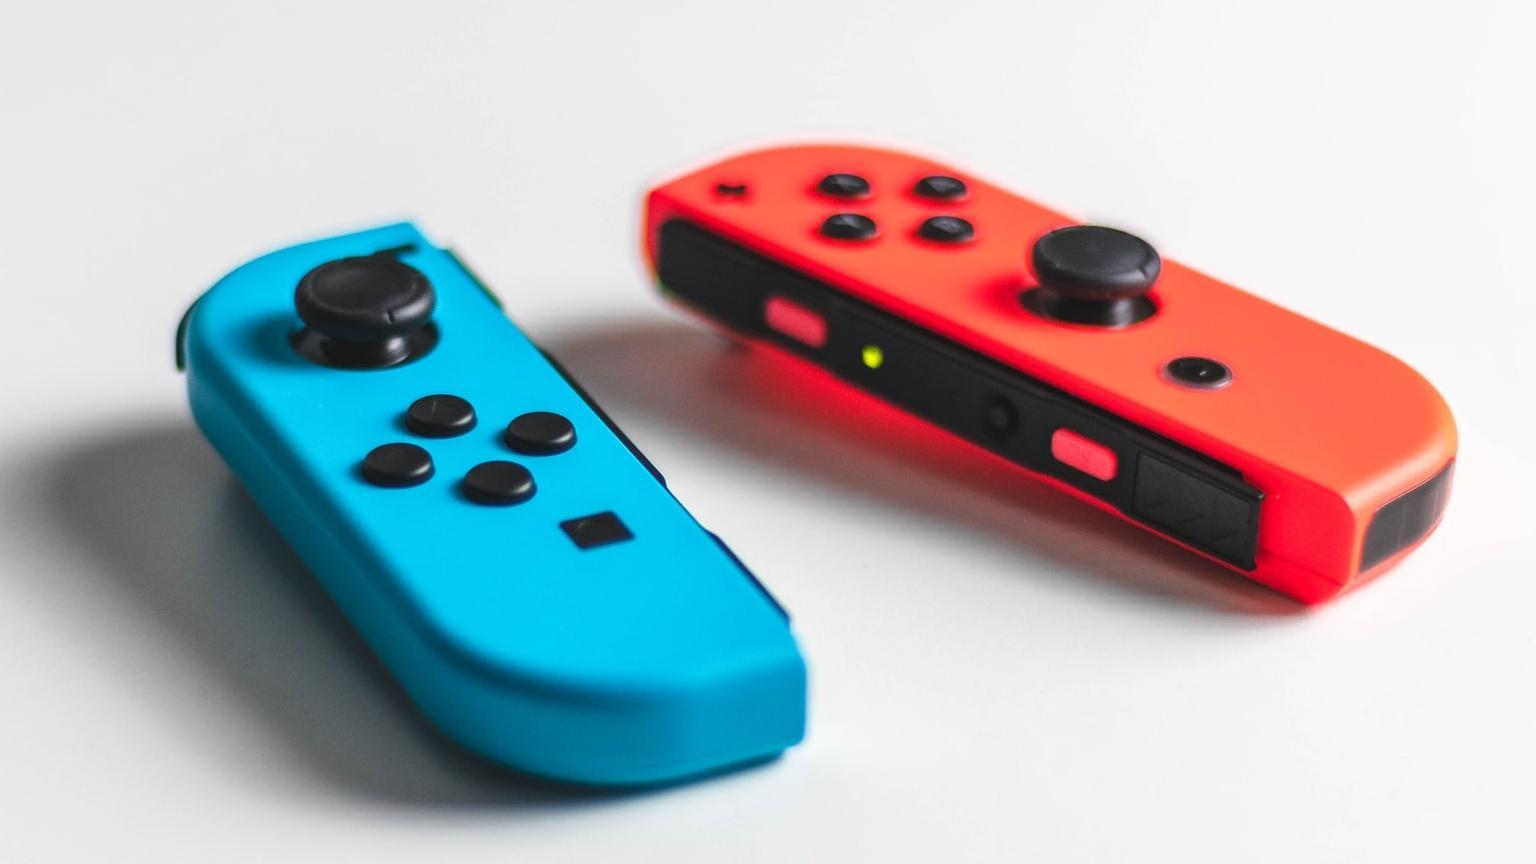 Unterschied Nintendo Switch Lite und Switch: Die Joy-Cons der Nintendo Switch lassen sich abnehmen.